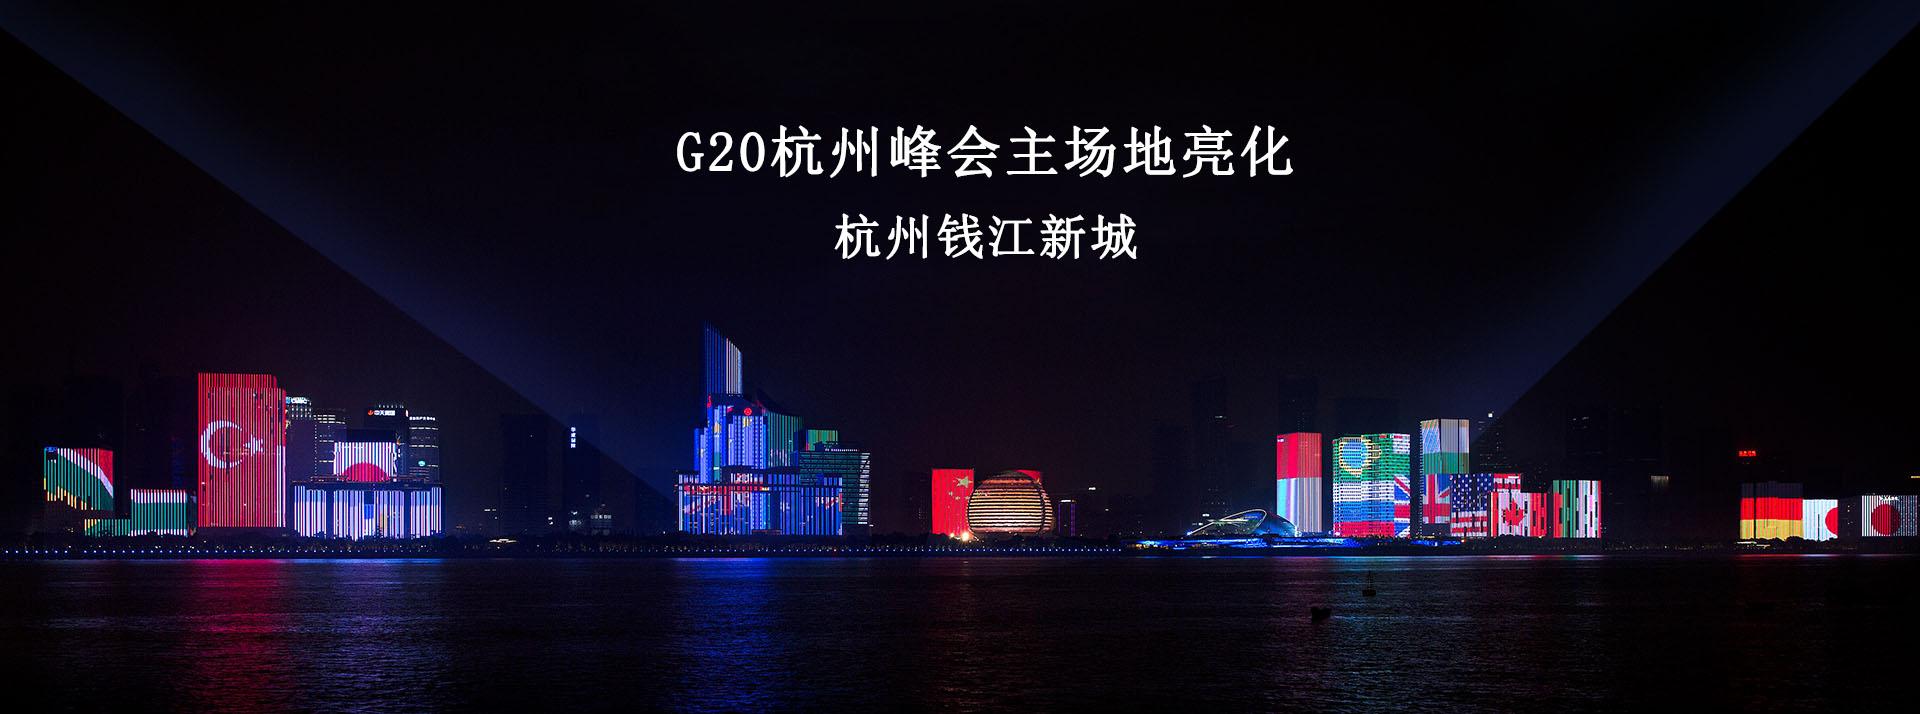 深圳一極光照明有限公司